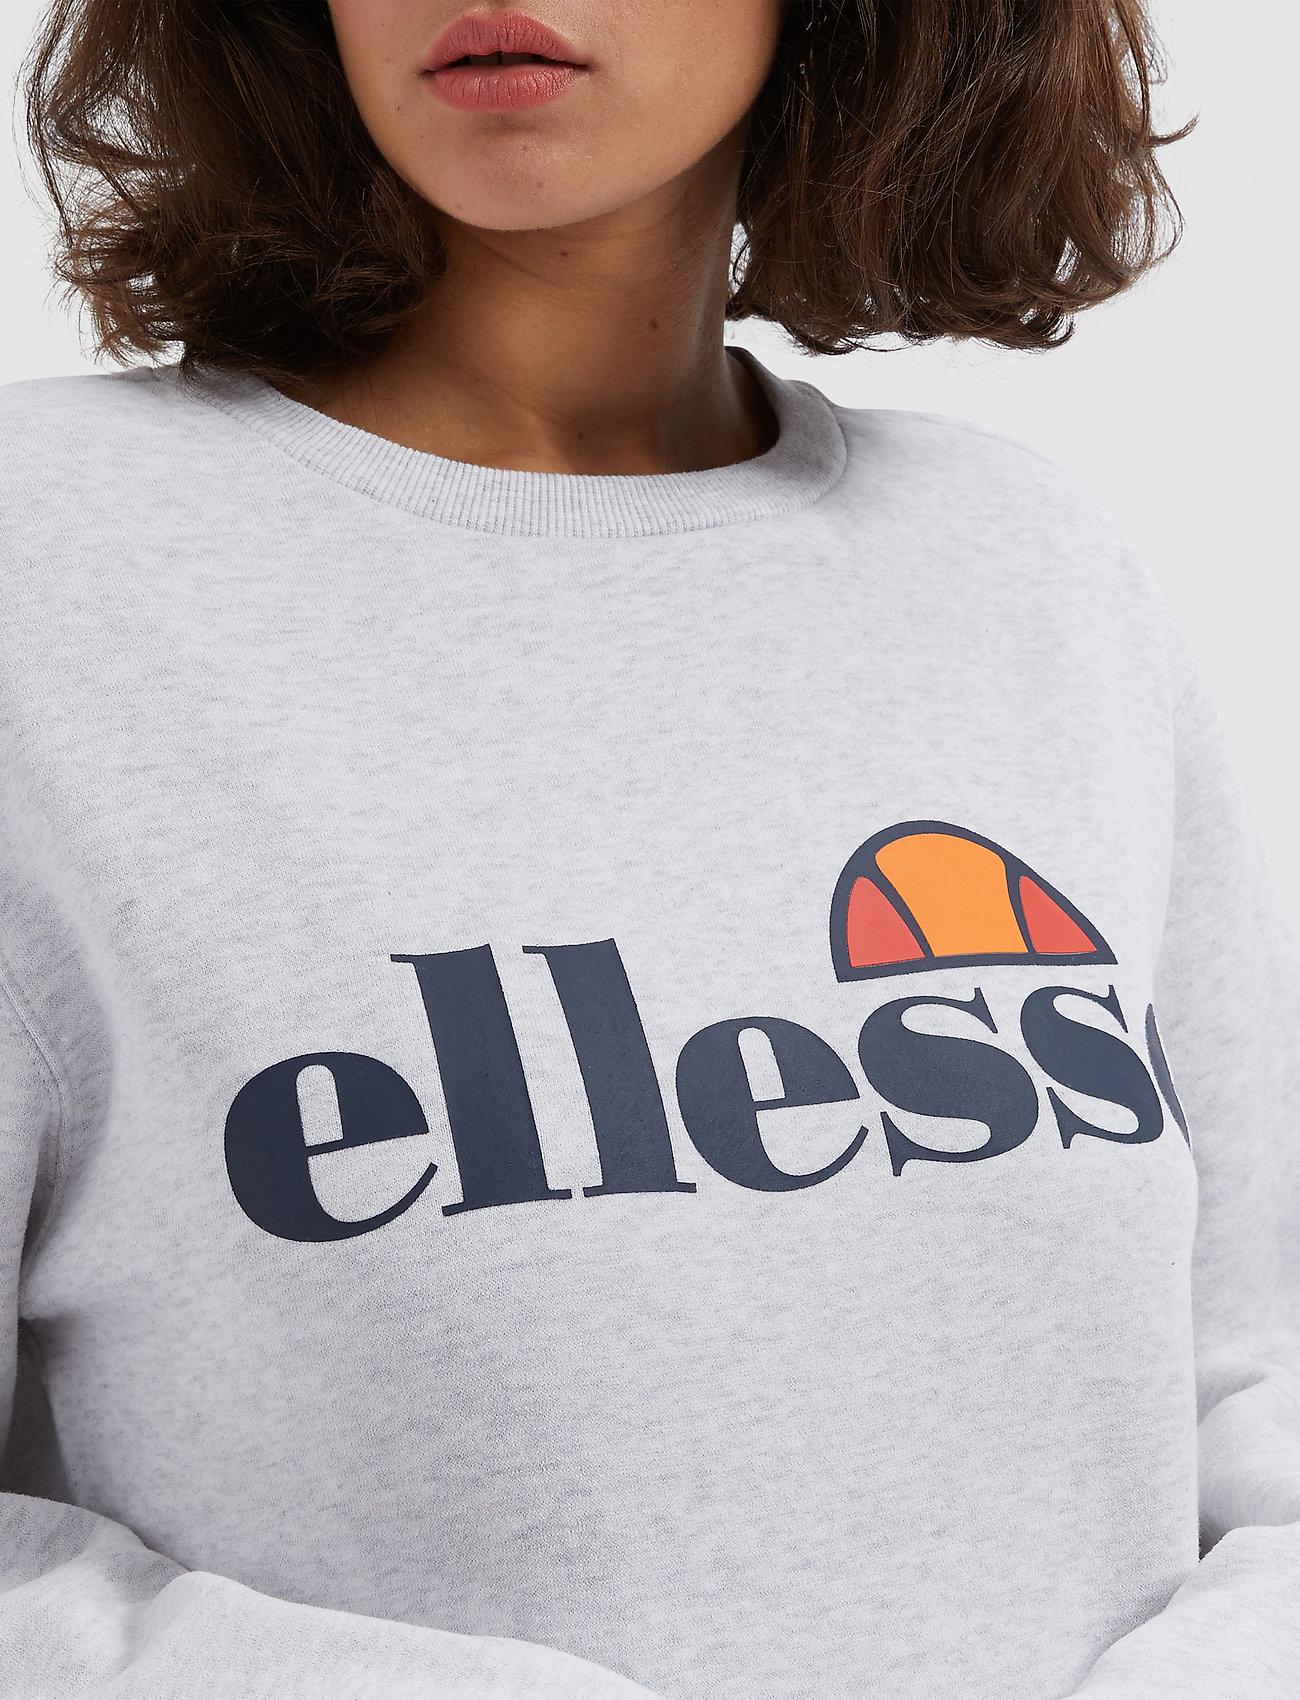 El Agata Sweatshirt (White Marl) (420 kr) - Ellesse